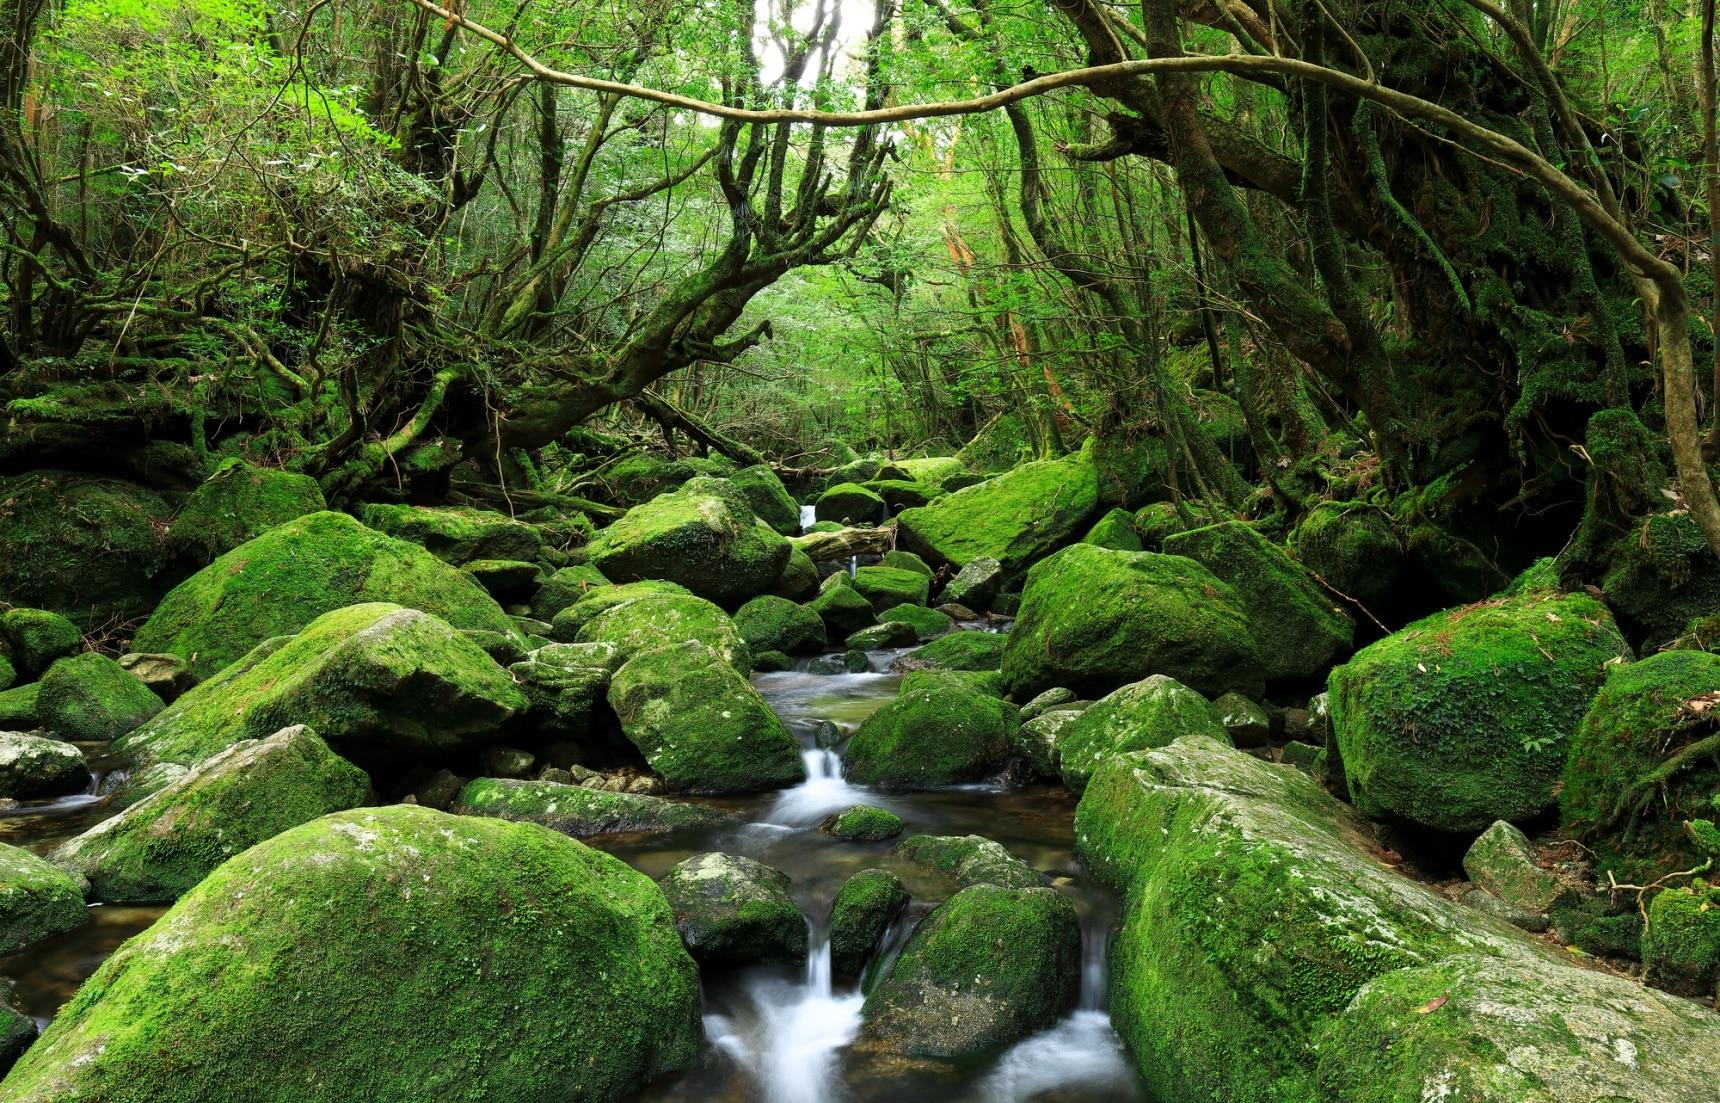 【鹿兒島自由行】屏住呼吸!到原始森林秘境「屋久島」擁抱自然享受最美的感動